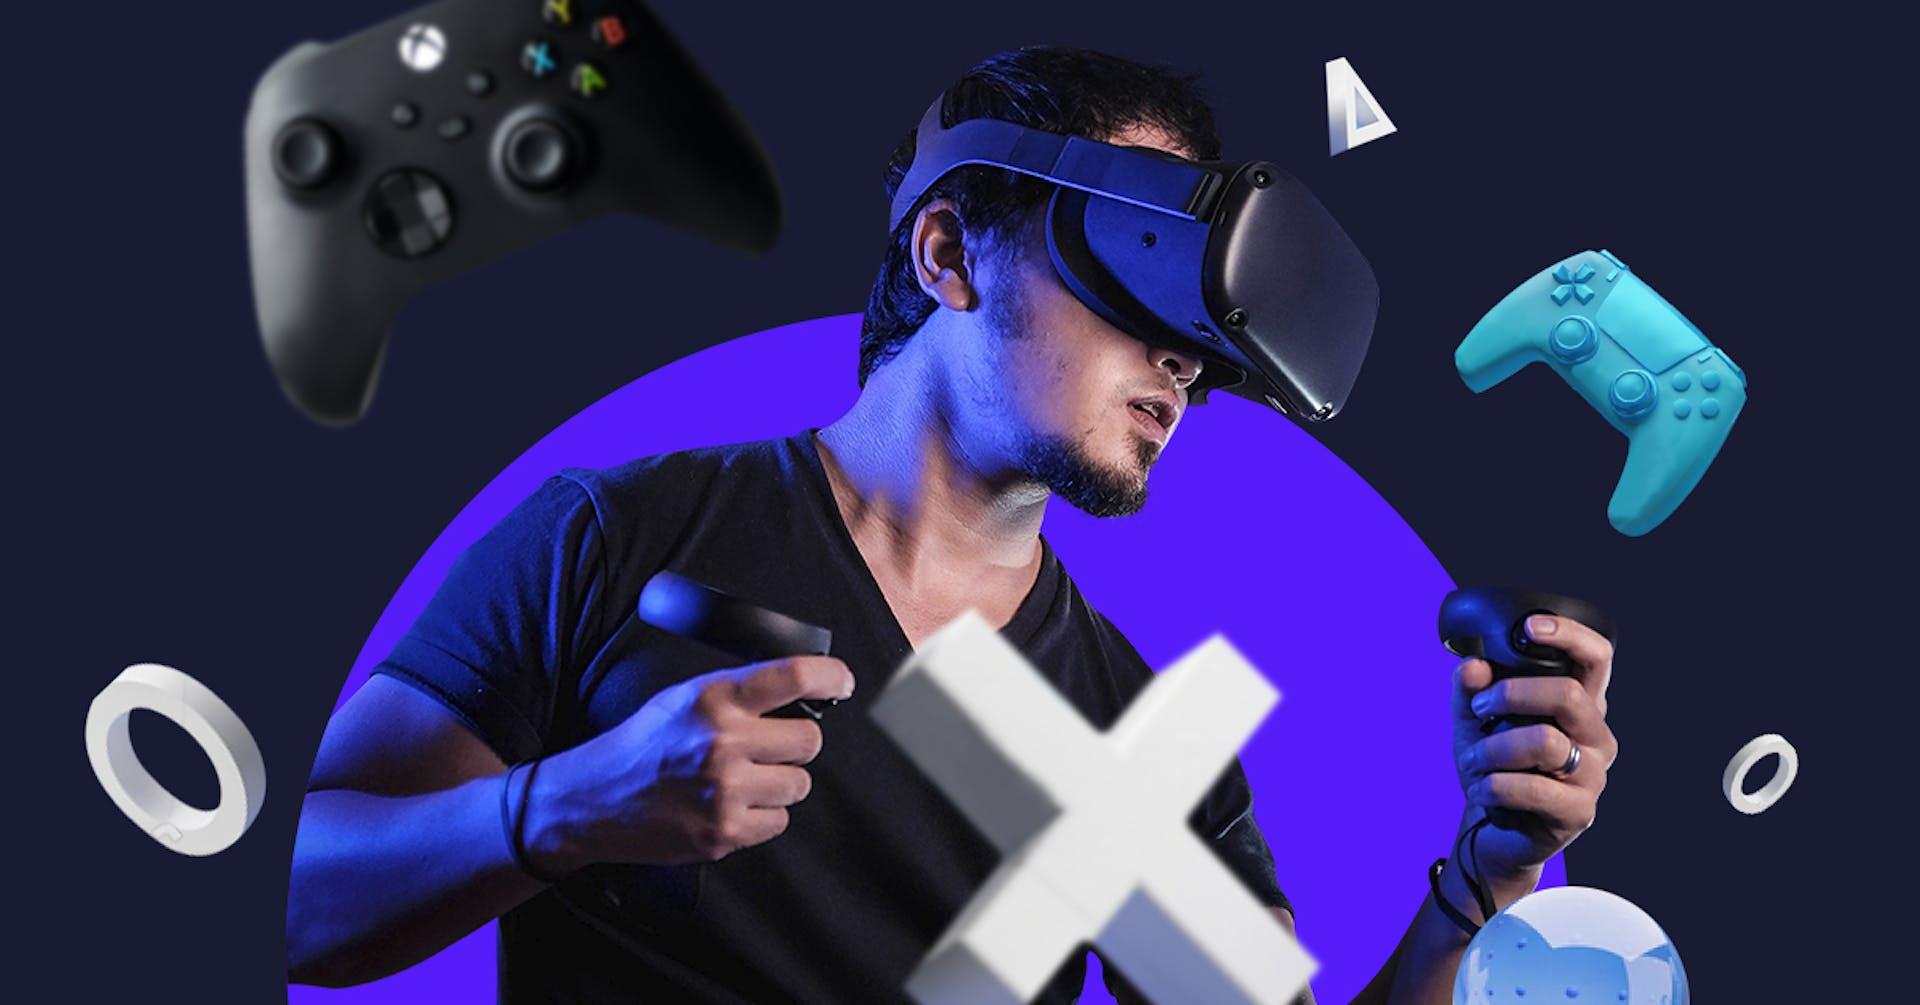 6 tendencias del gaming en 2021 que marcarán el futuro de los videojuegos